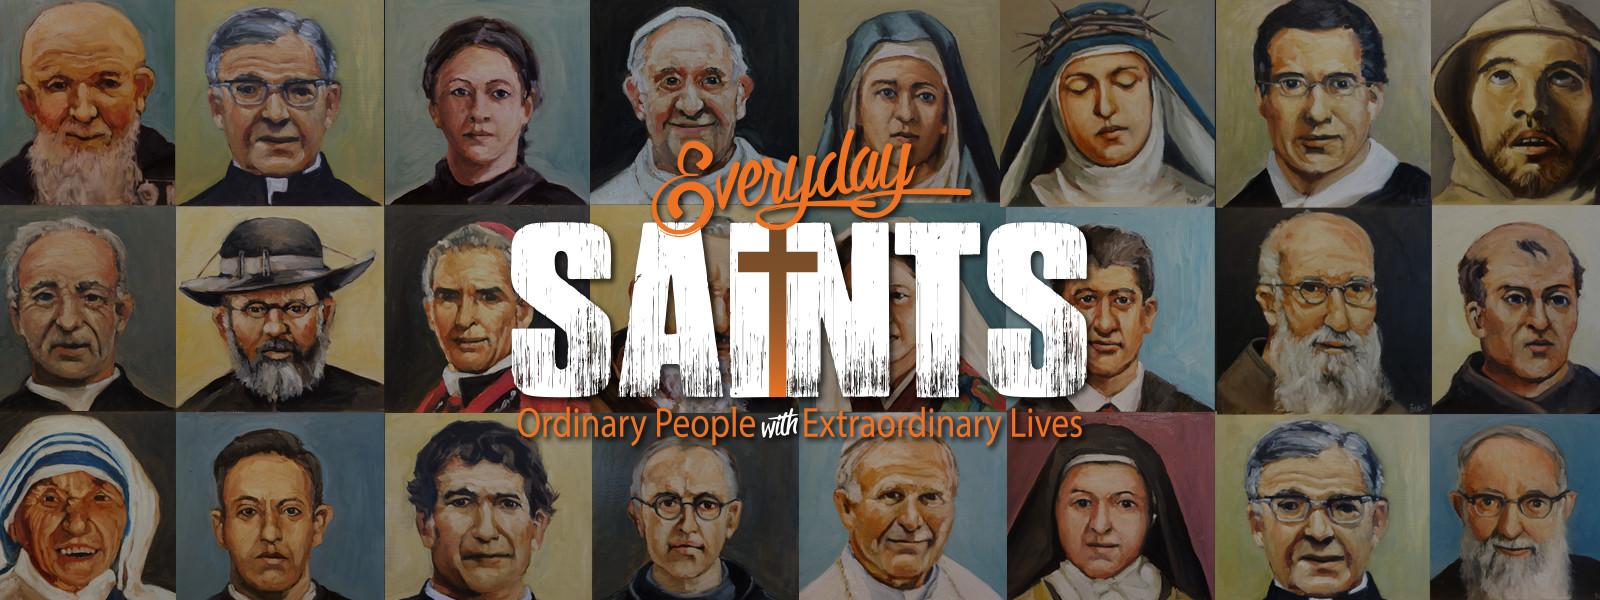 <div class='title'>           evryday-saints-gwpbu2         </div>